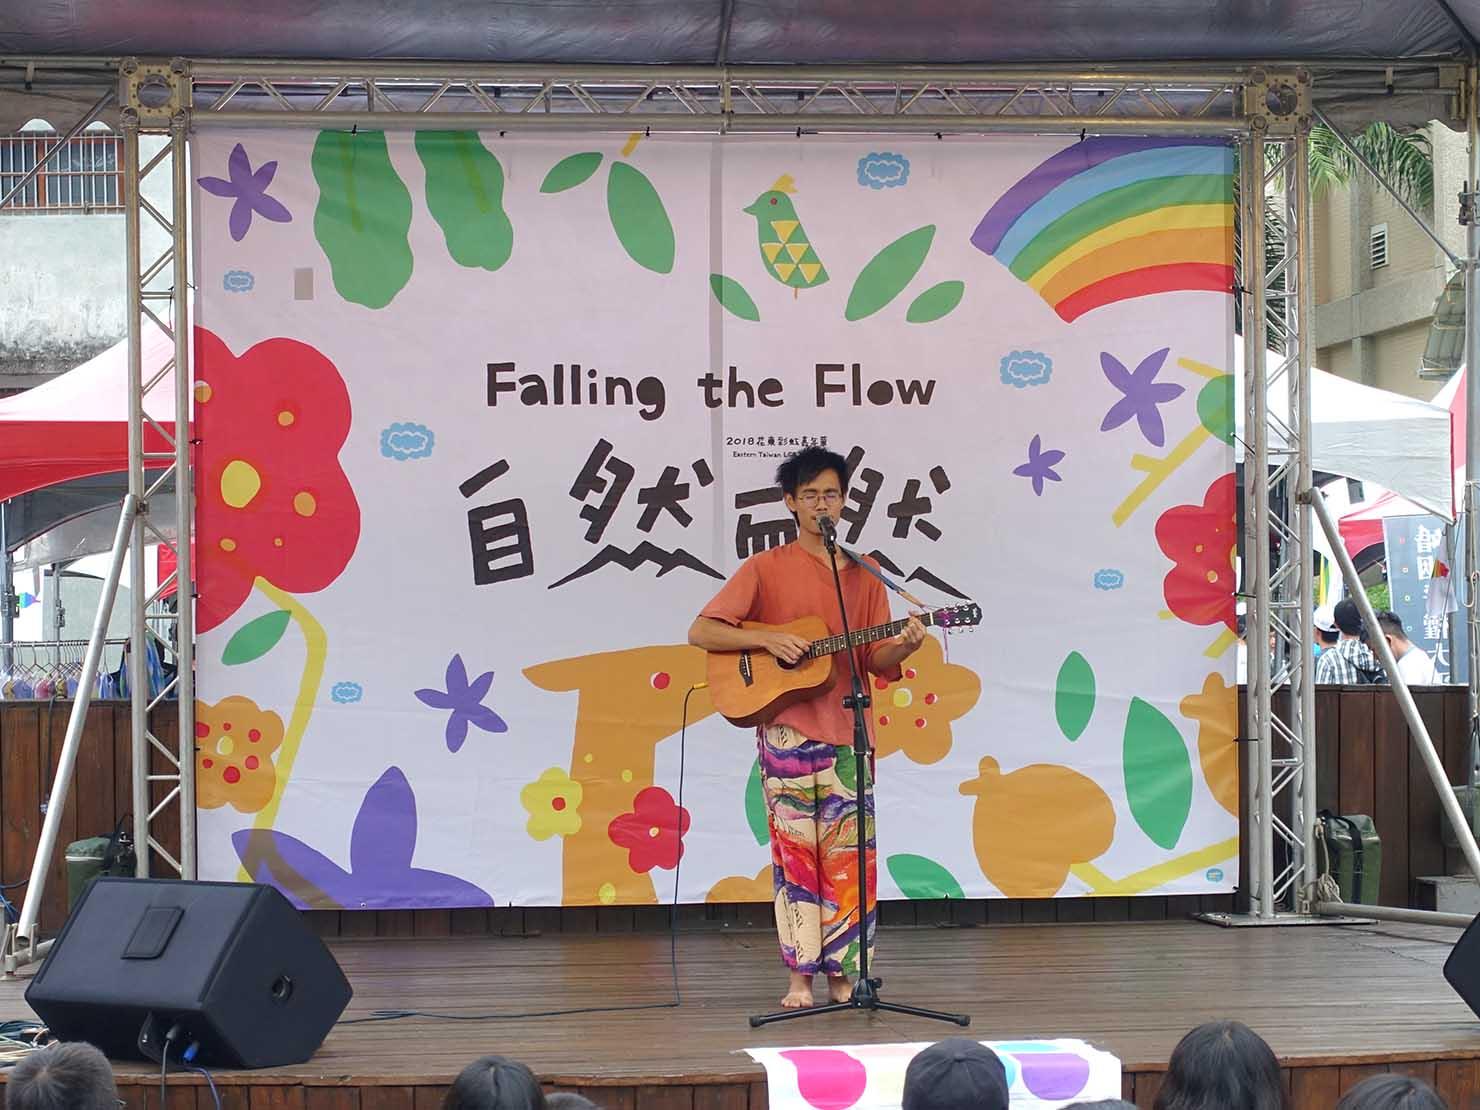 花東彩虹嘉年華(台湾東部LGBTプライド / 花蓮場)のメインステージでパフォーマンスを披露するアーティスト